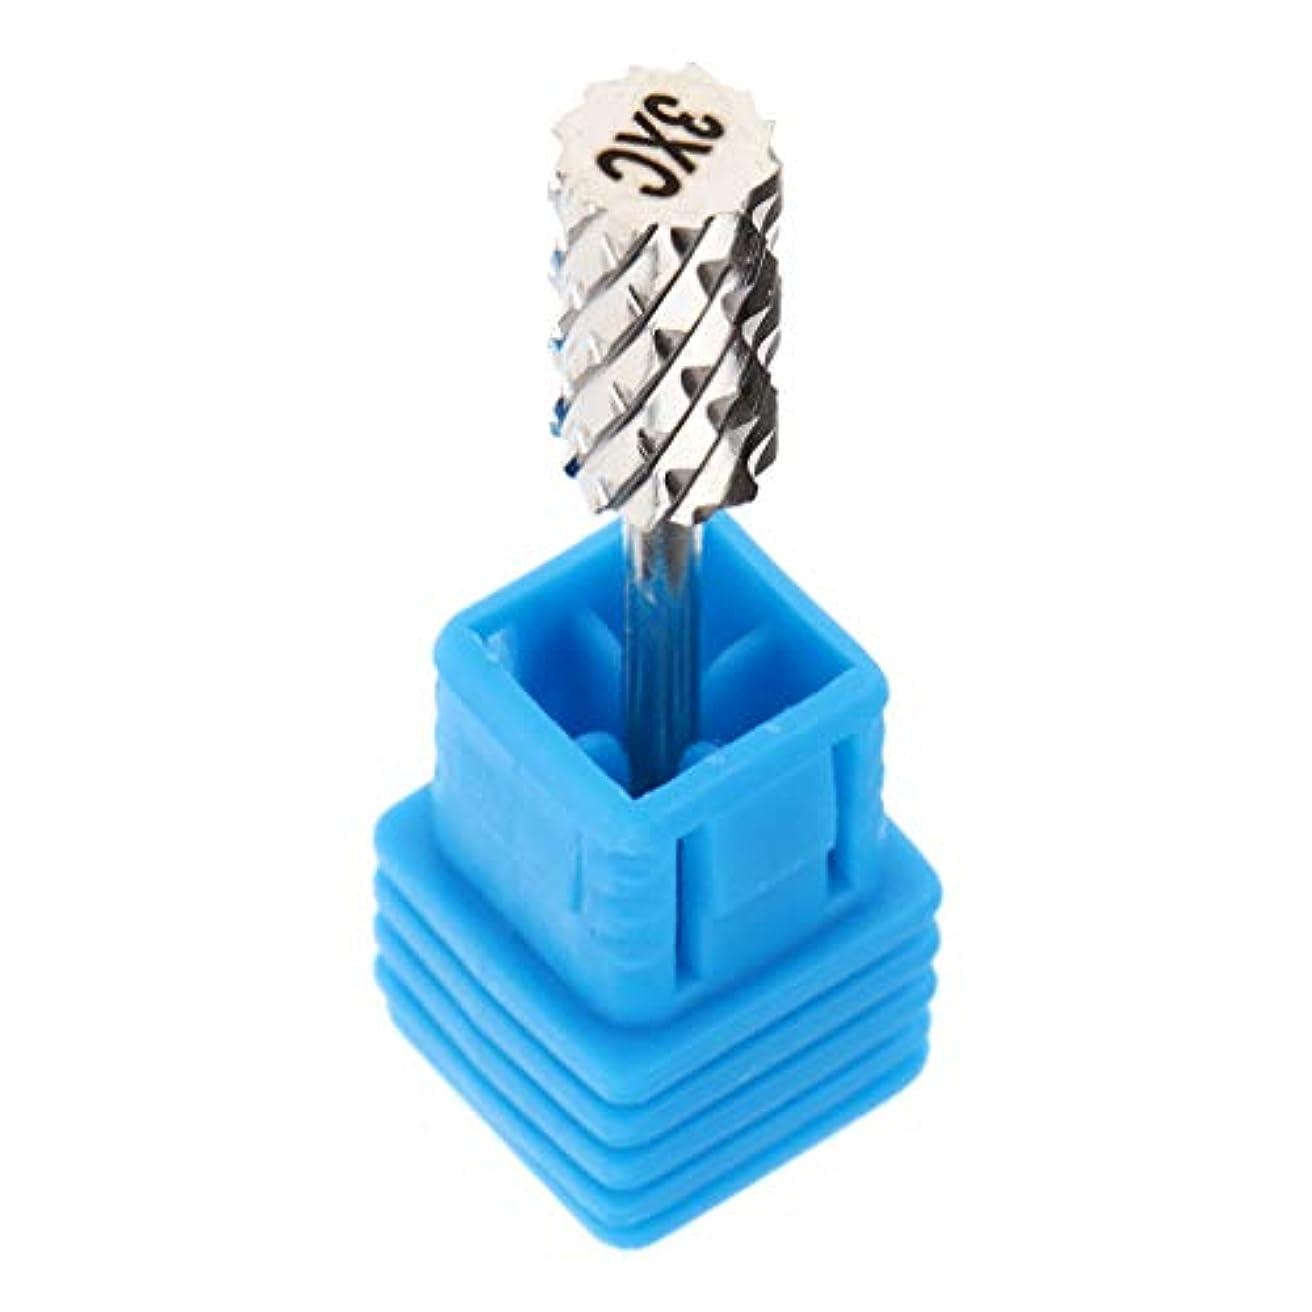 矢印わかりやすいと組む電気ネイルマシン ネイルドリルビット 研磨ヘッド ネイルサロン 爪やすり 全6選択 - 06